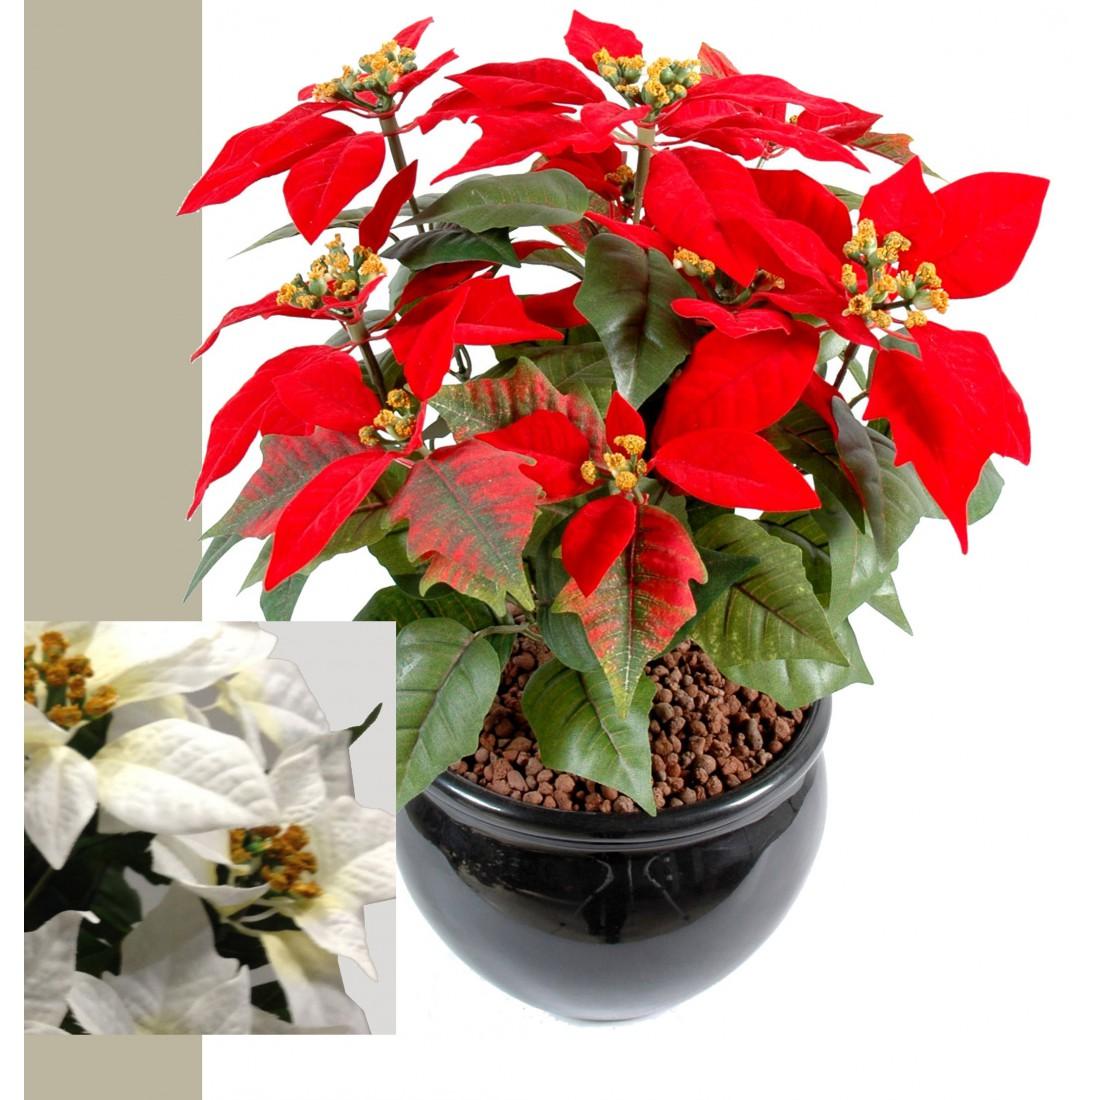 Poinsetia artificiel etoile de no l 42 cm plantes fleuries reflets nature lyon - Etoile de noel artificielle ...